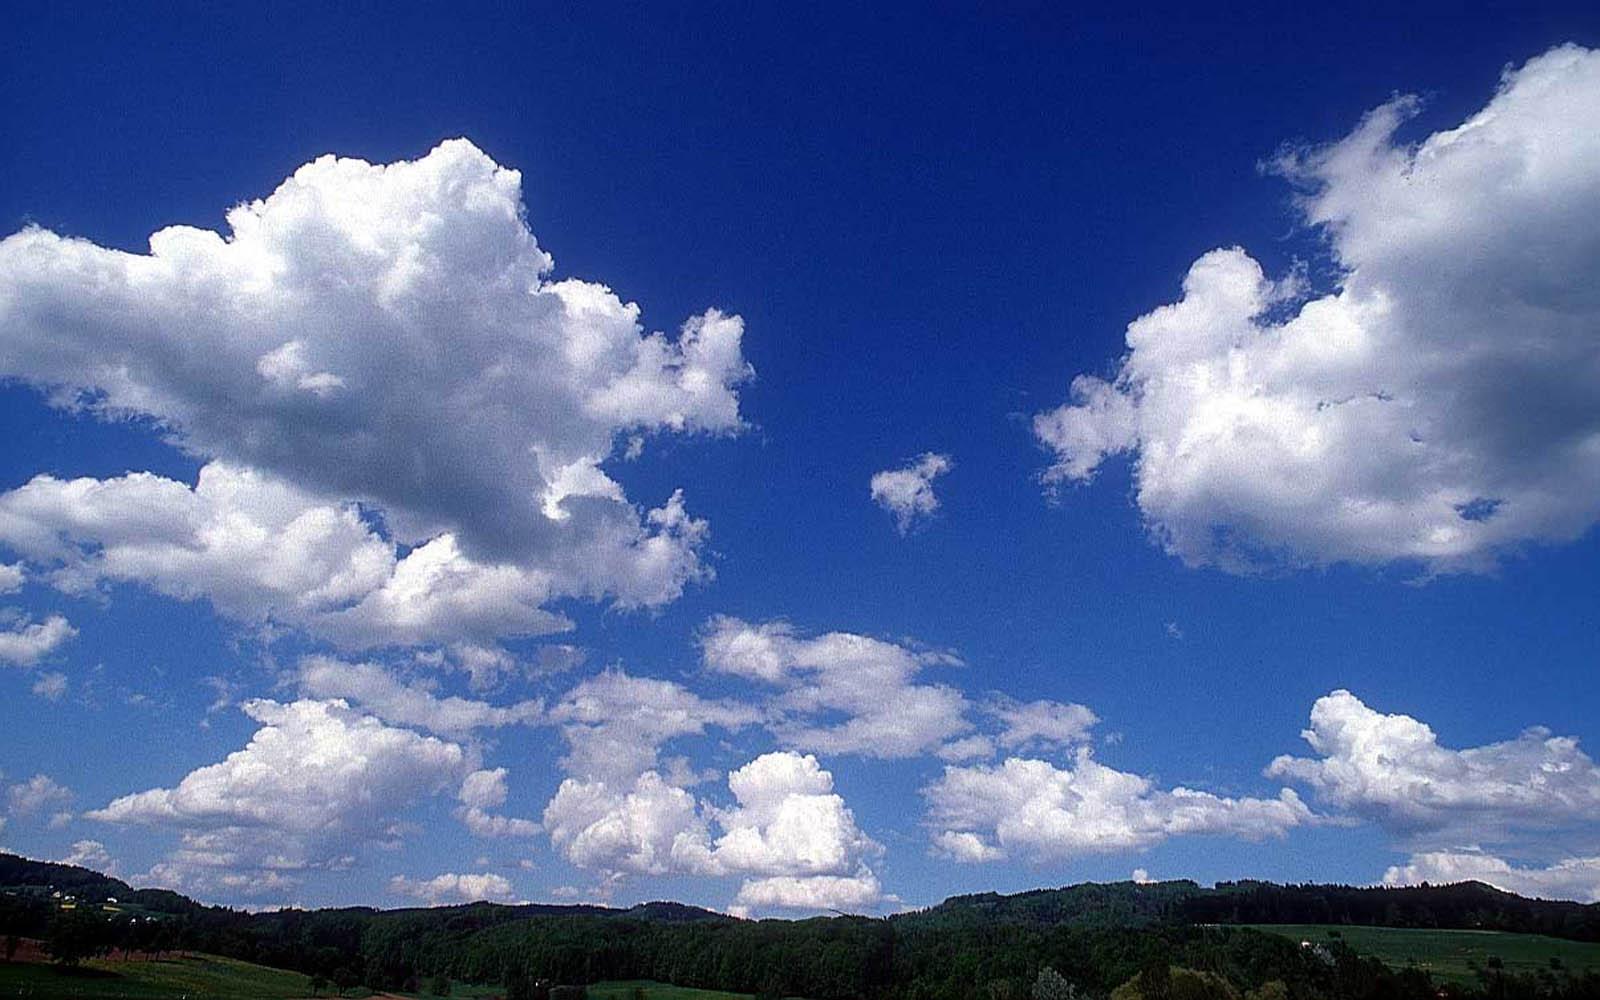 foto langit gambar awan